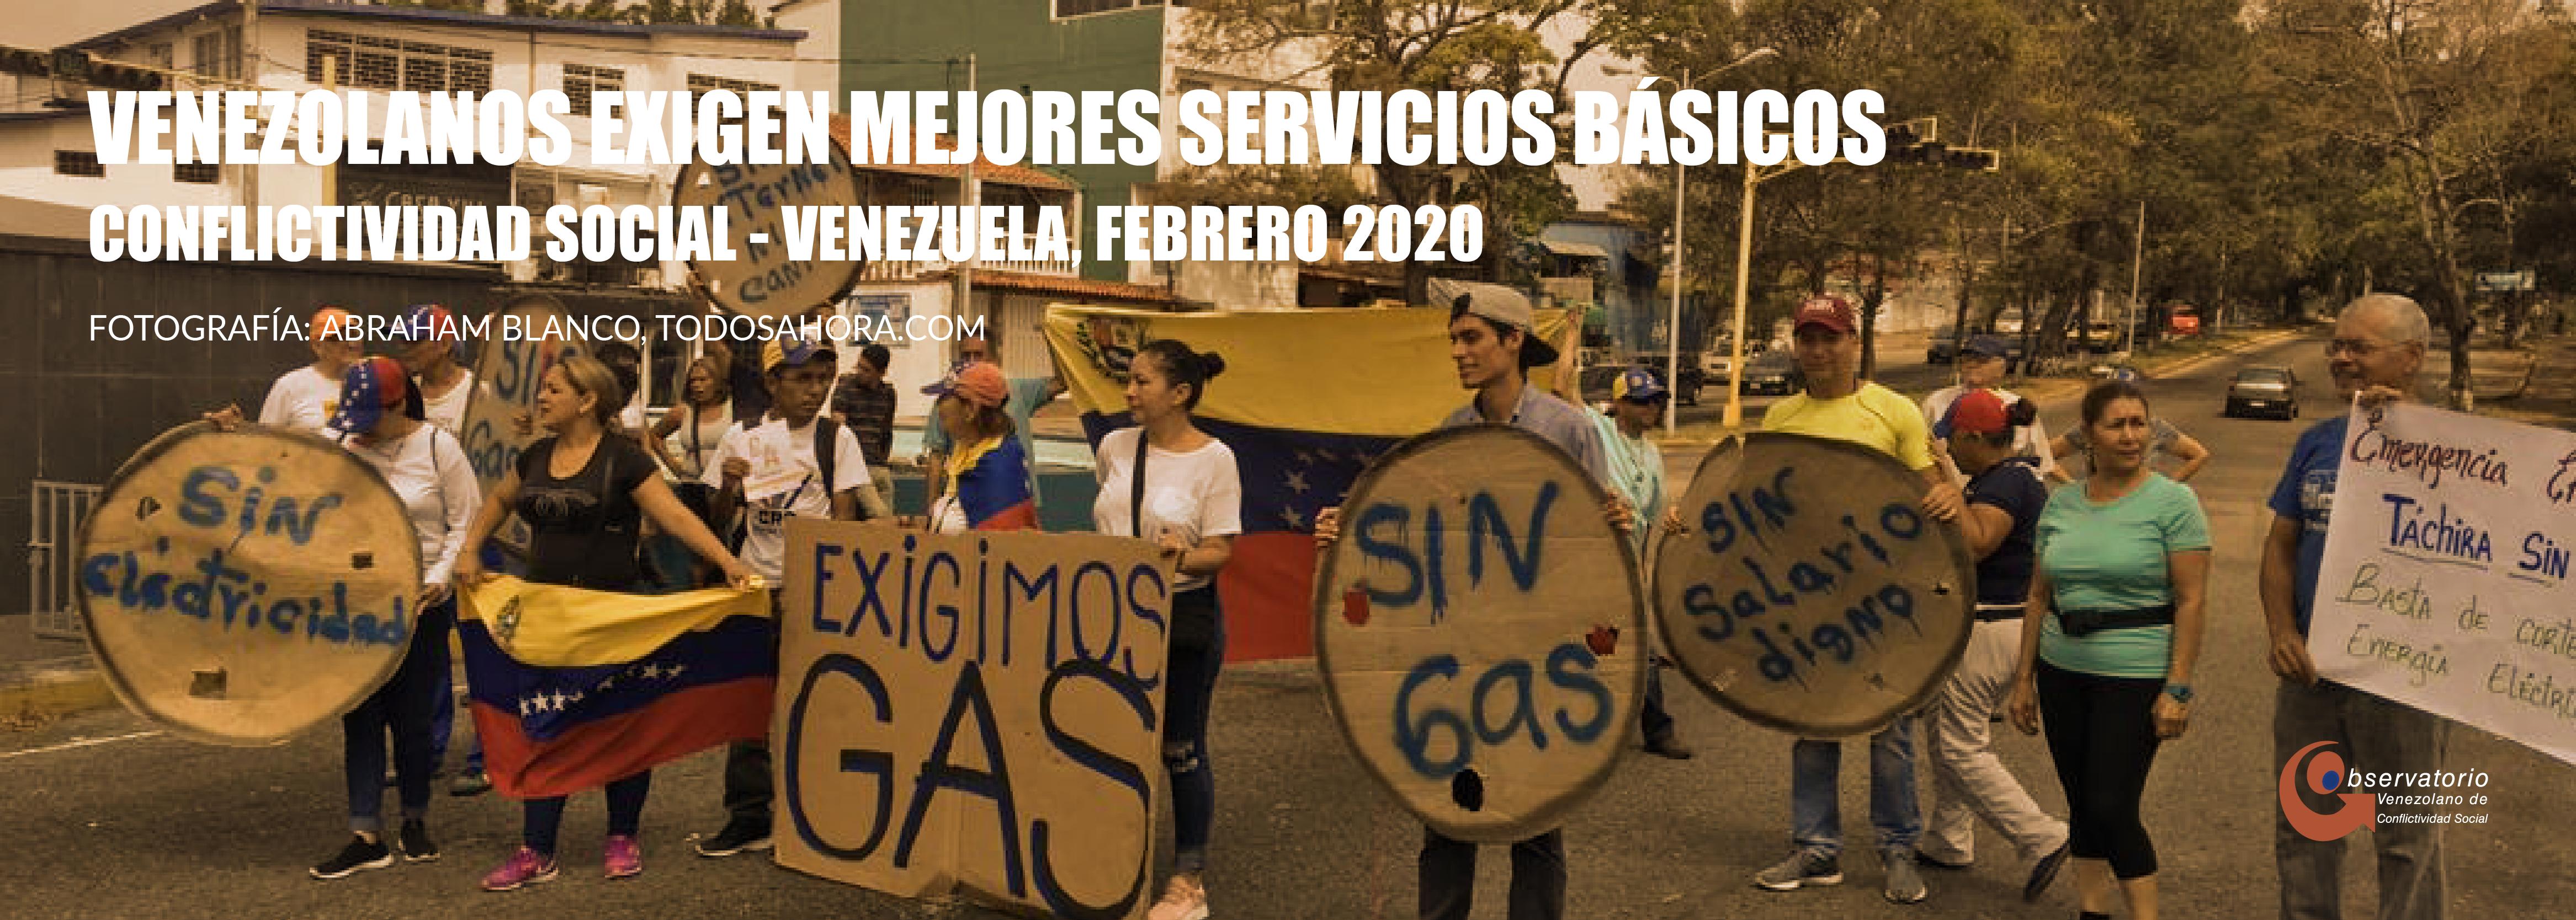 Conflictividad social en Venezuela en febrero de 2020